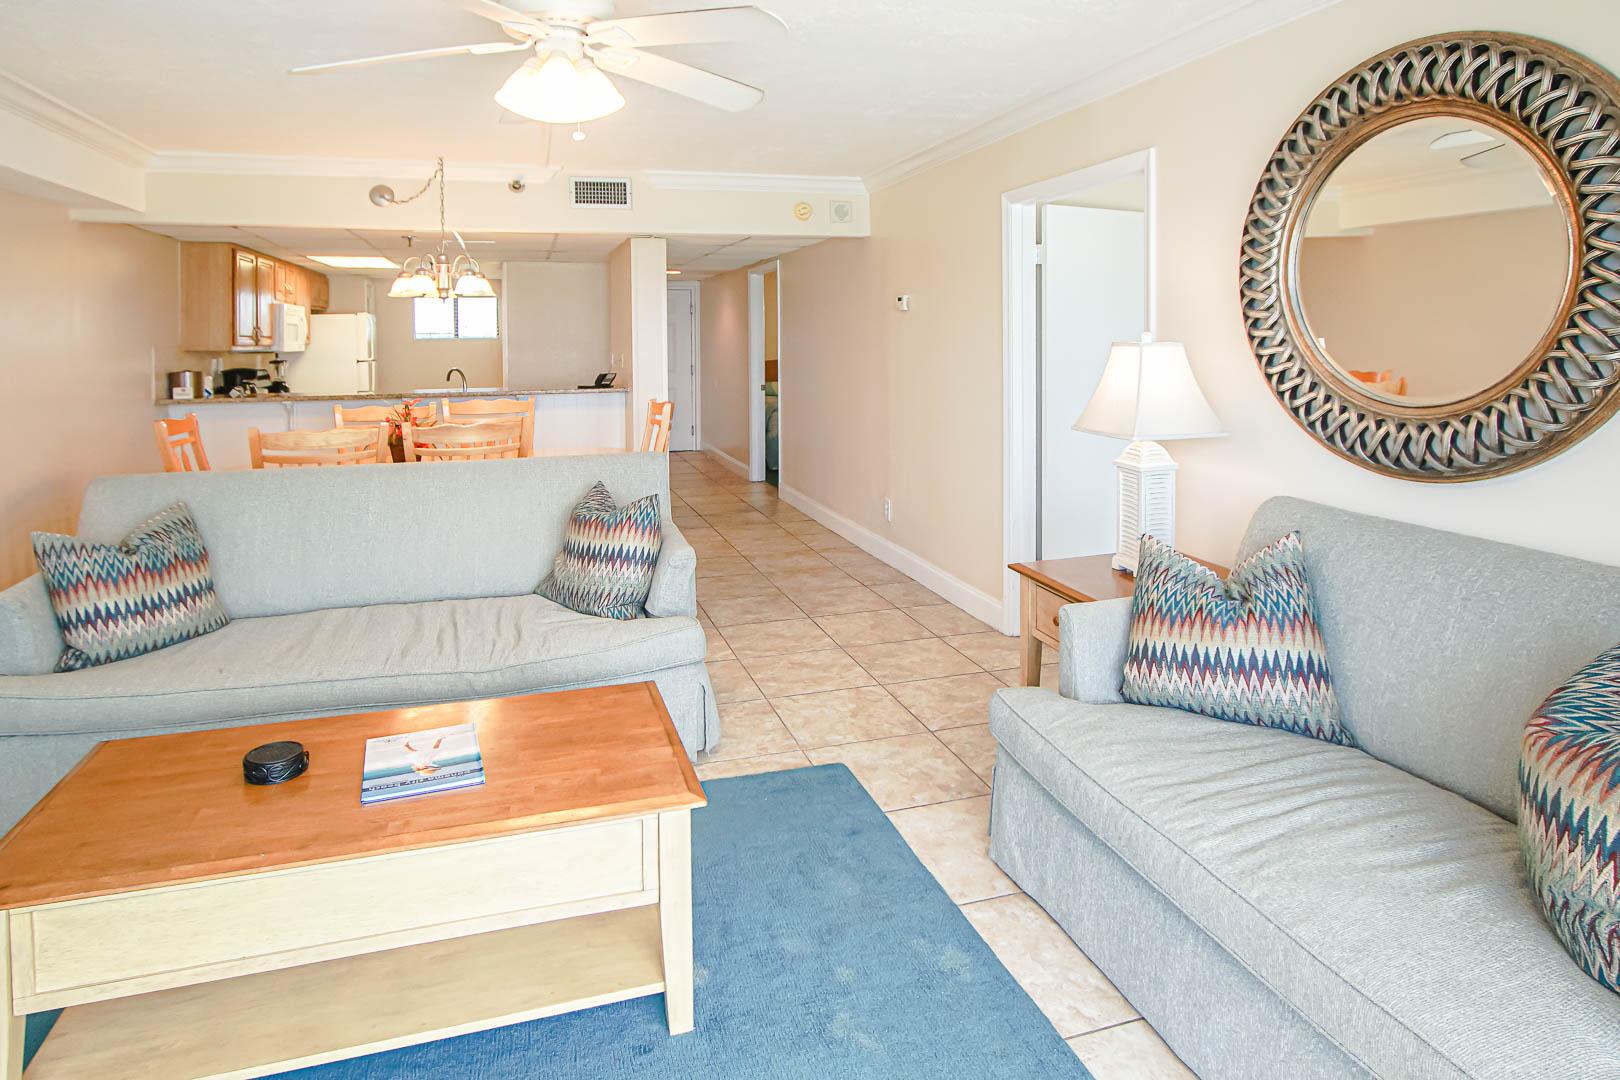 Landmark Holiday Beach Resort - Unit Interior - Bedroom